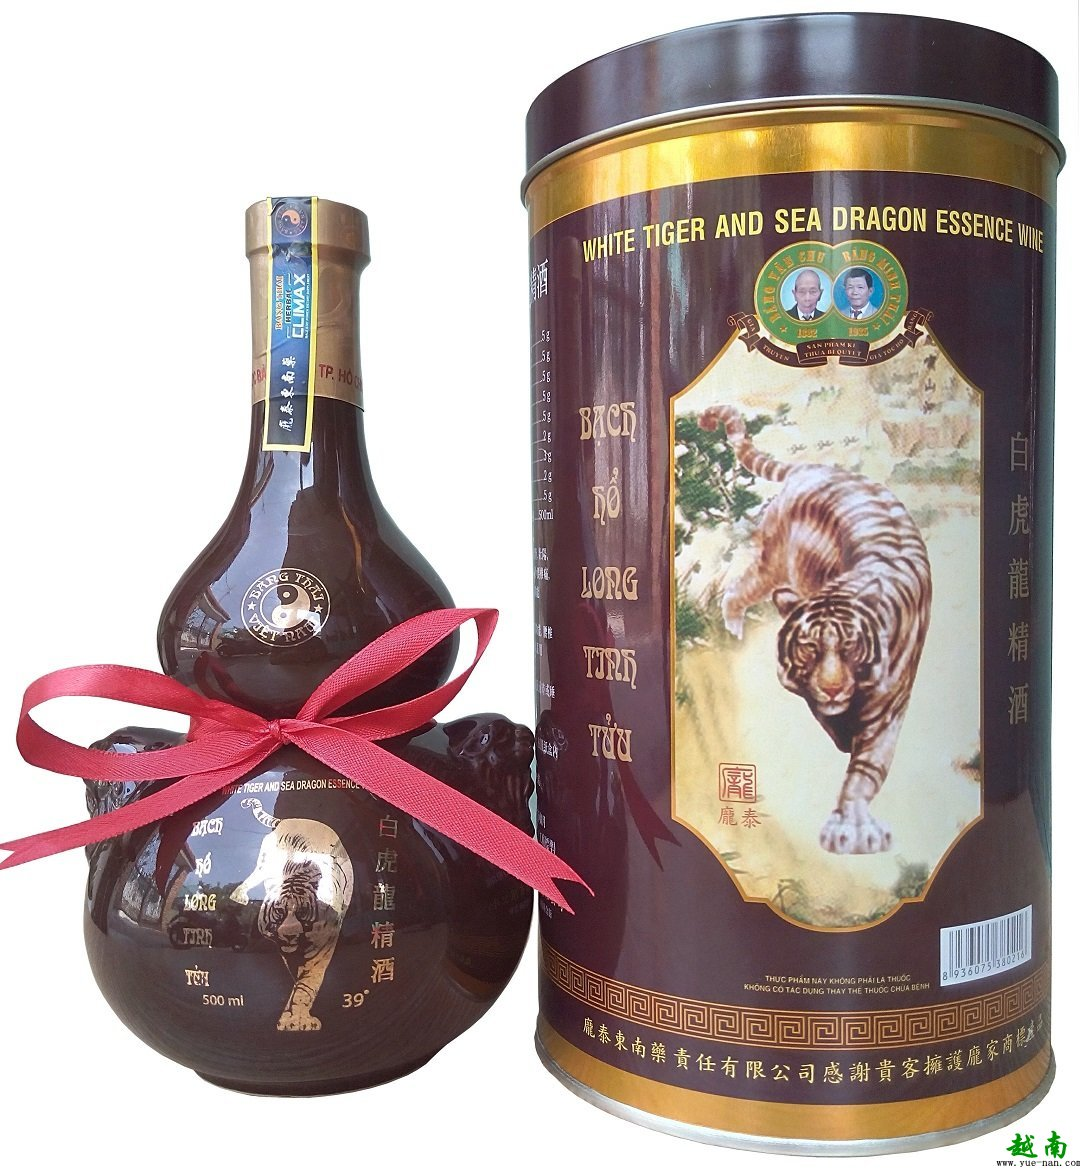 越南特产的白酒名气比越南特产药酒差太多了